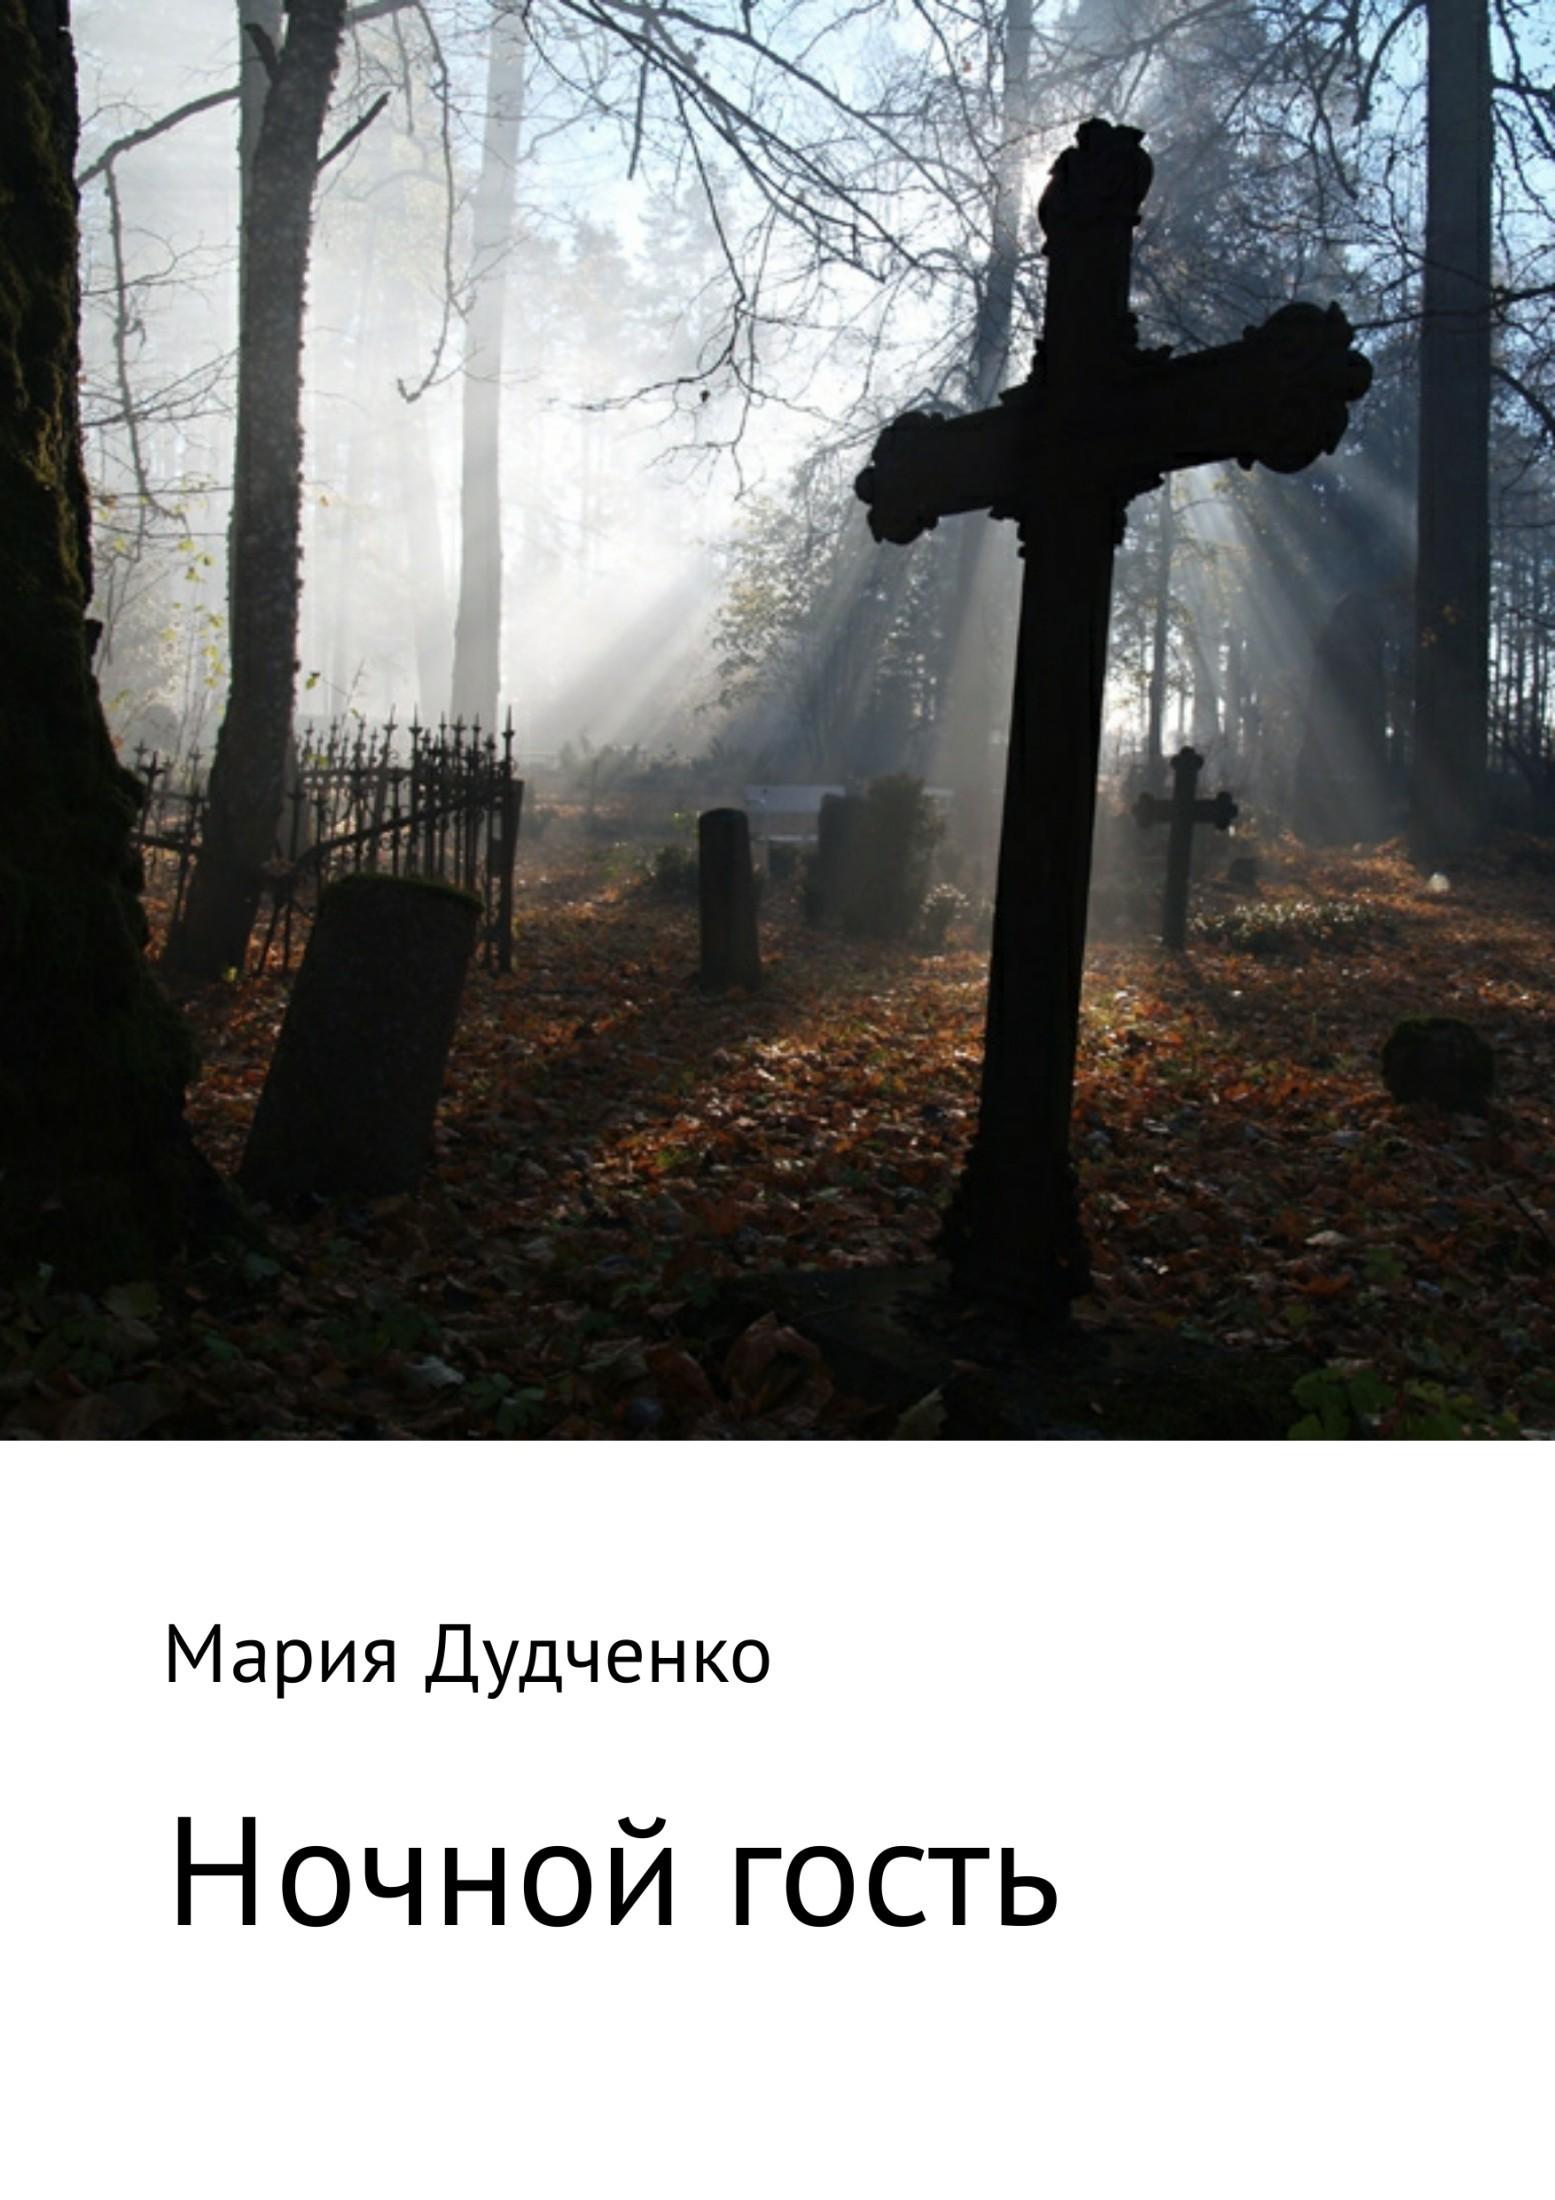 Мария Олеговна Дудченко. Ночной гость